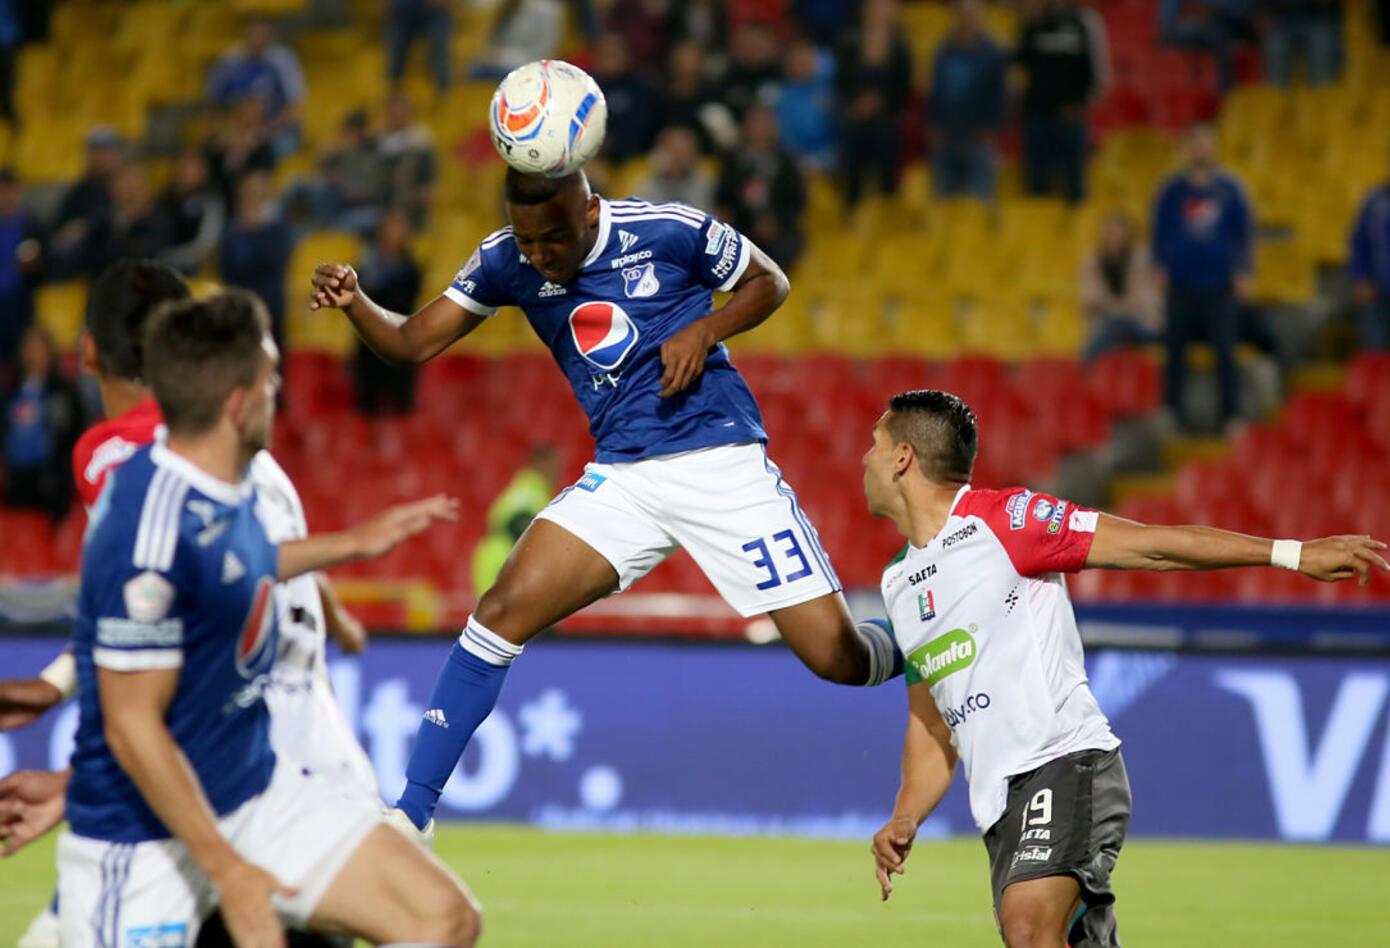 Juan Camilo Salazar disparando de cabeza para el gol de Millonarios ante Once Caldas